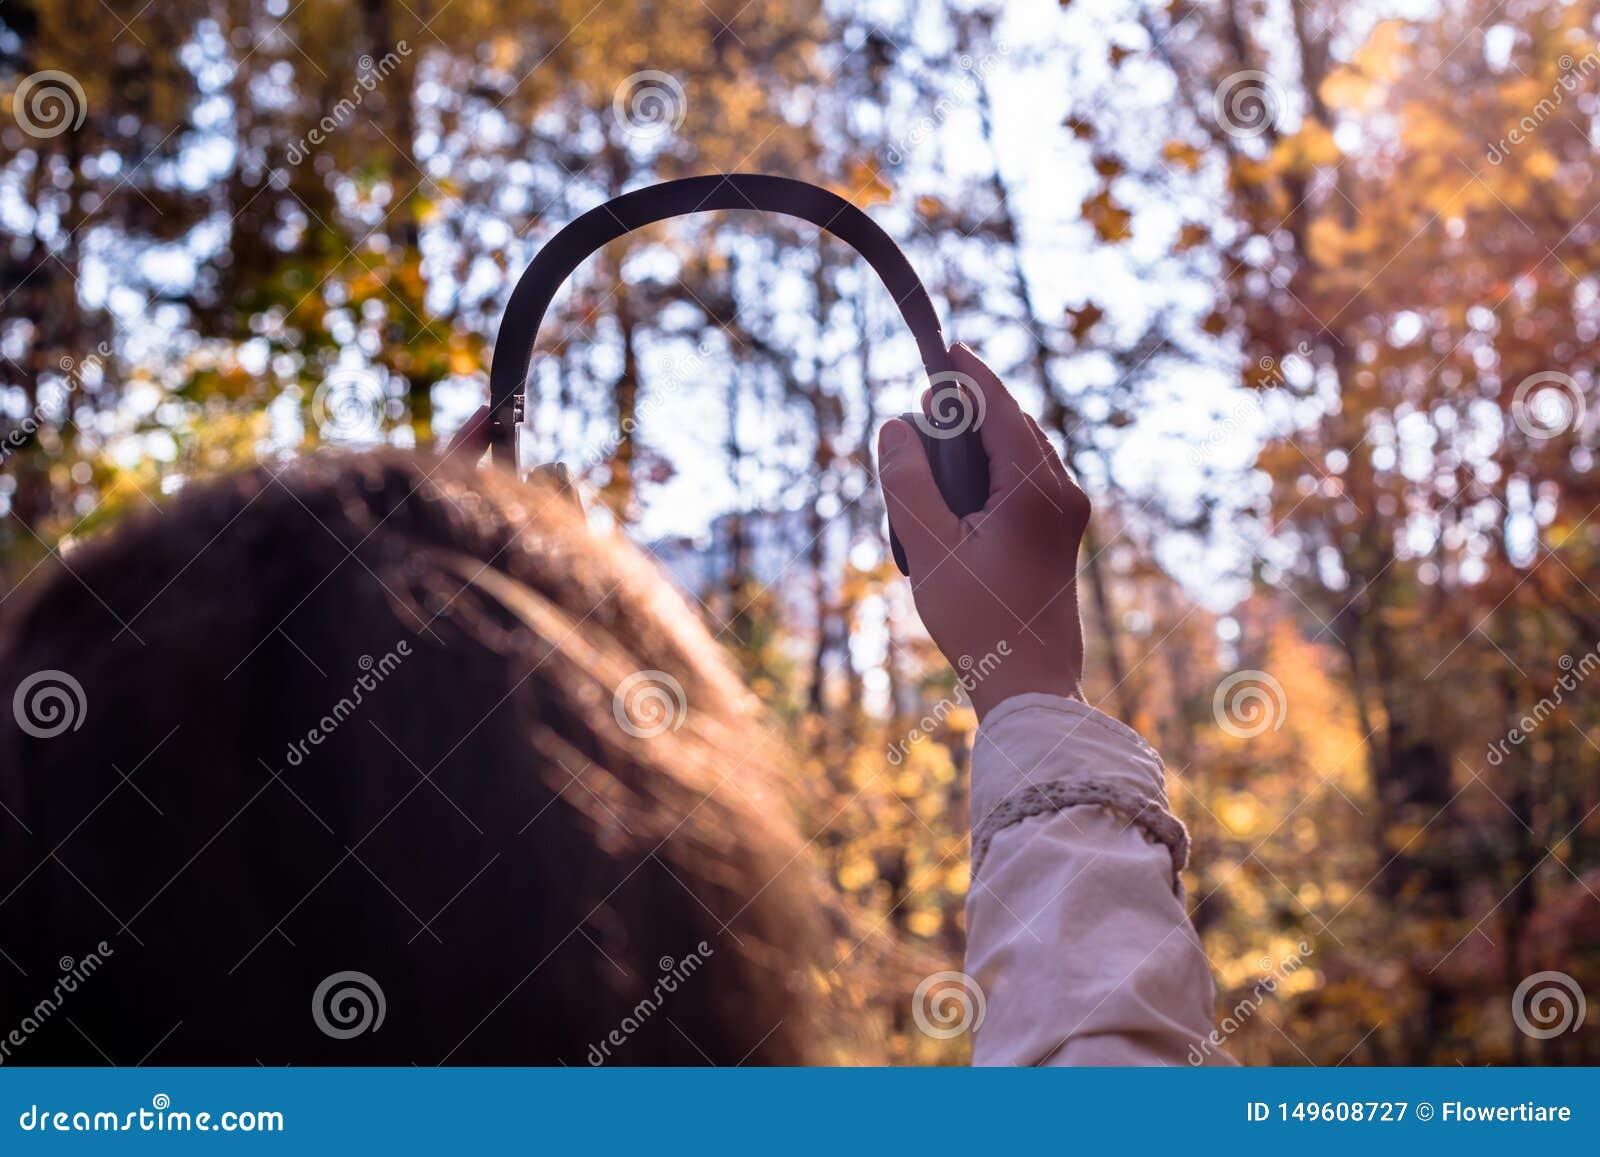 A fêmea com fones de ouvido que anda no parque escuta sons ou música do conceito da floresta do outono Temporada de ver?o indiana